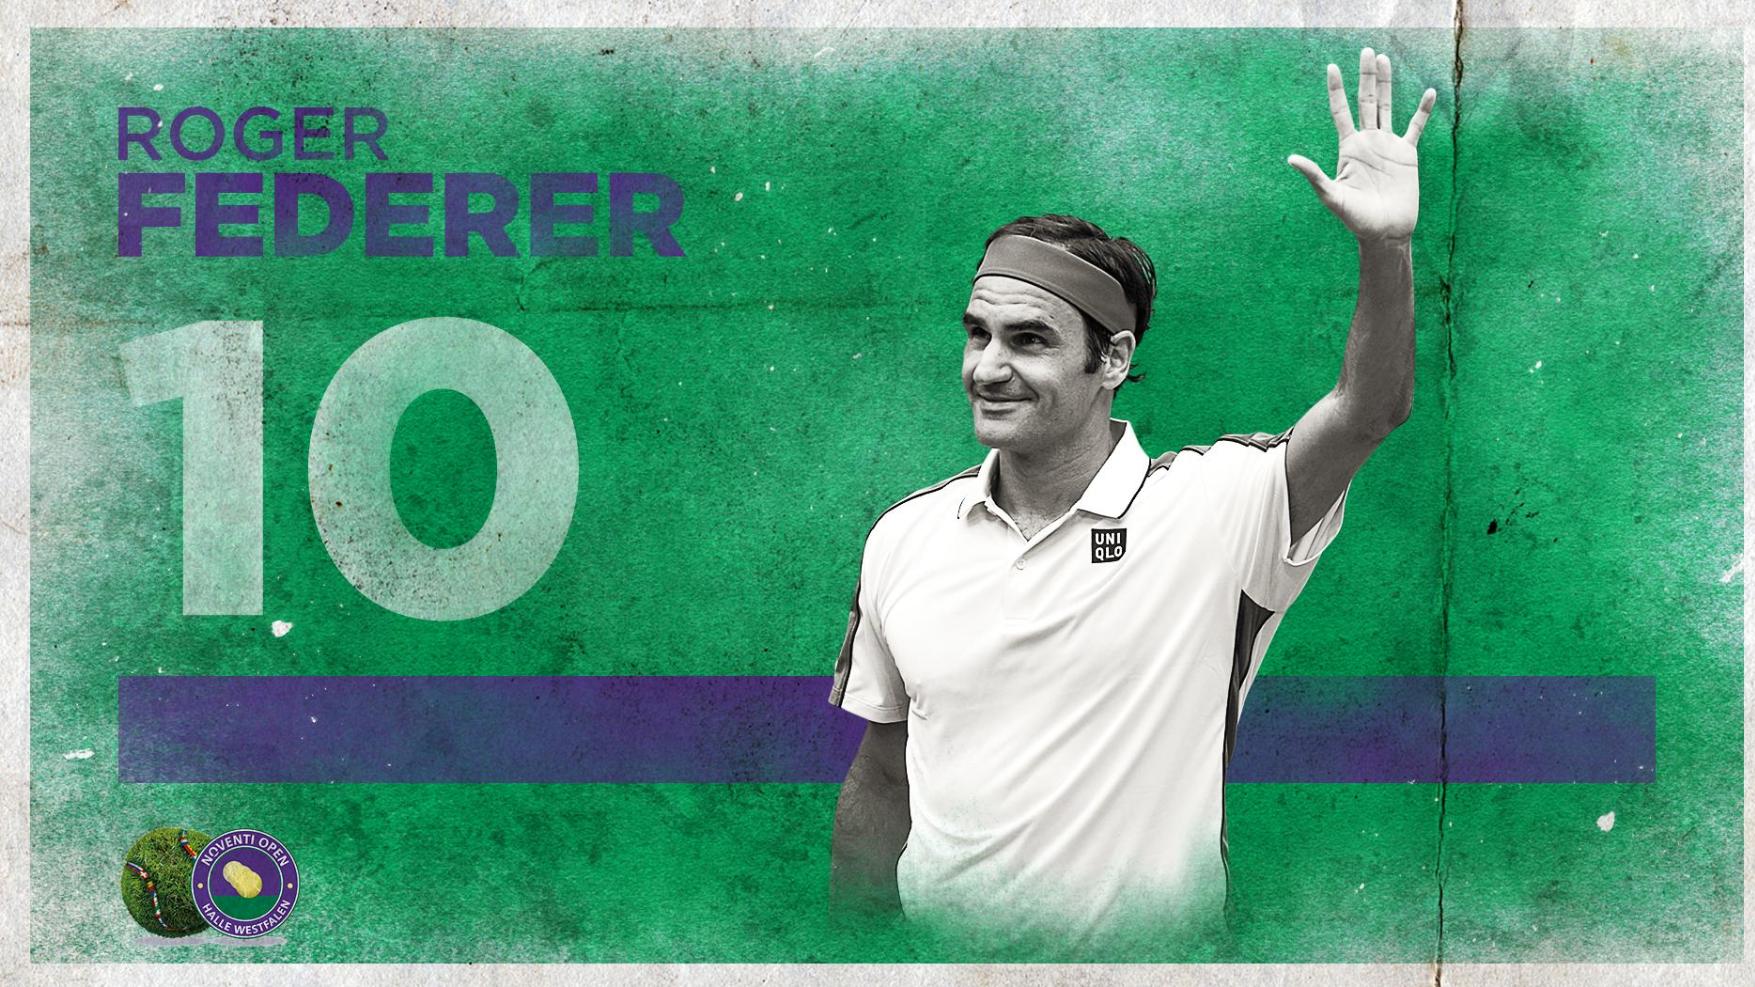 Roger Federer gewinnt das Turnier in Halle